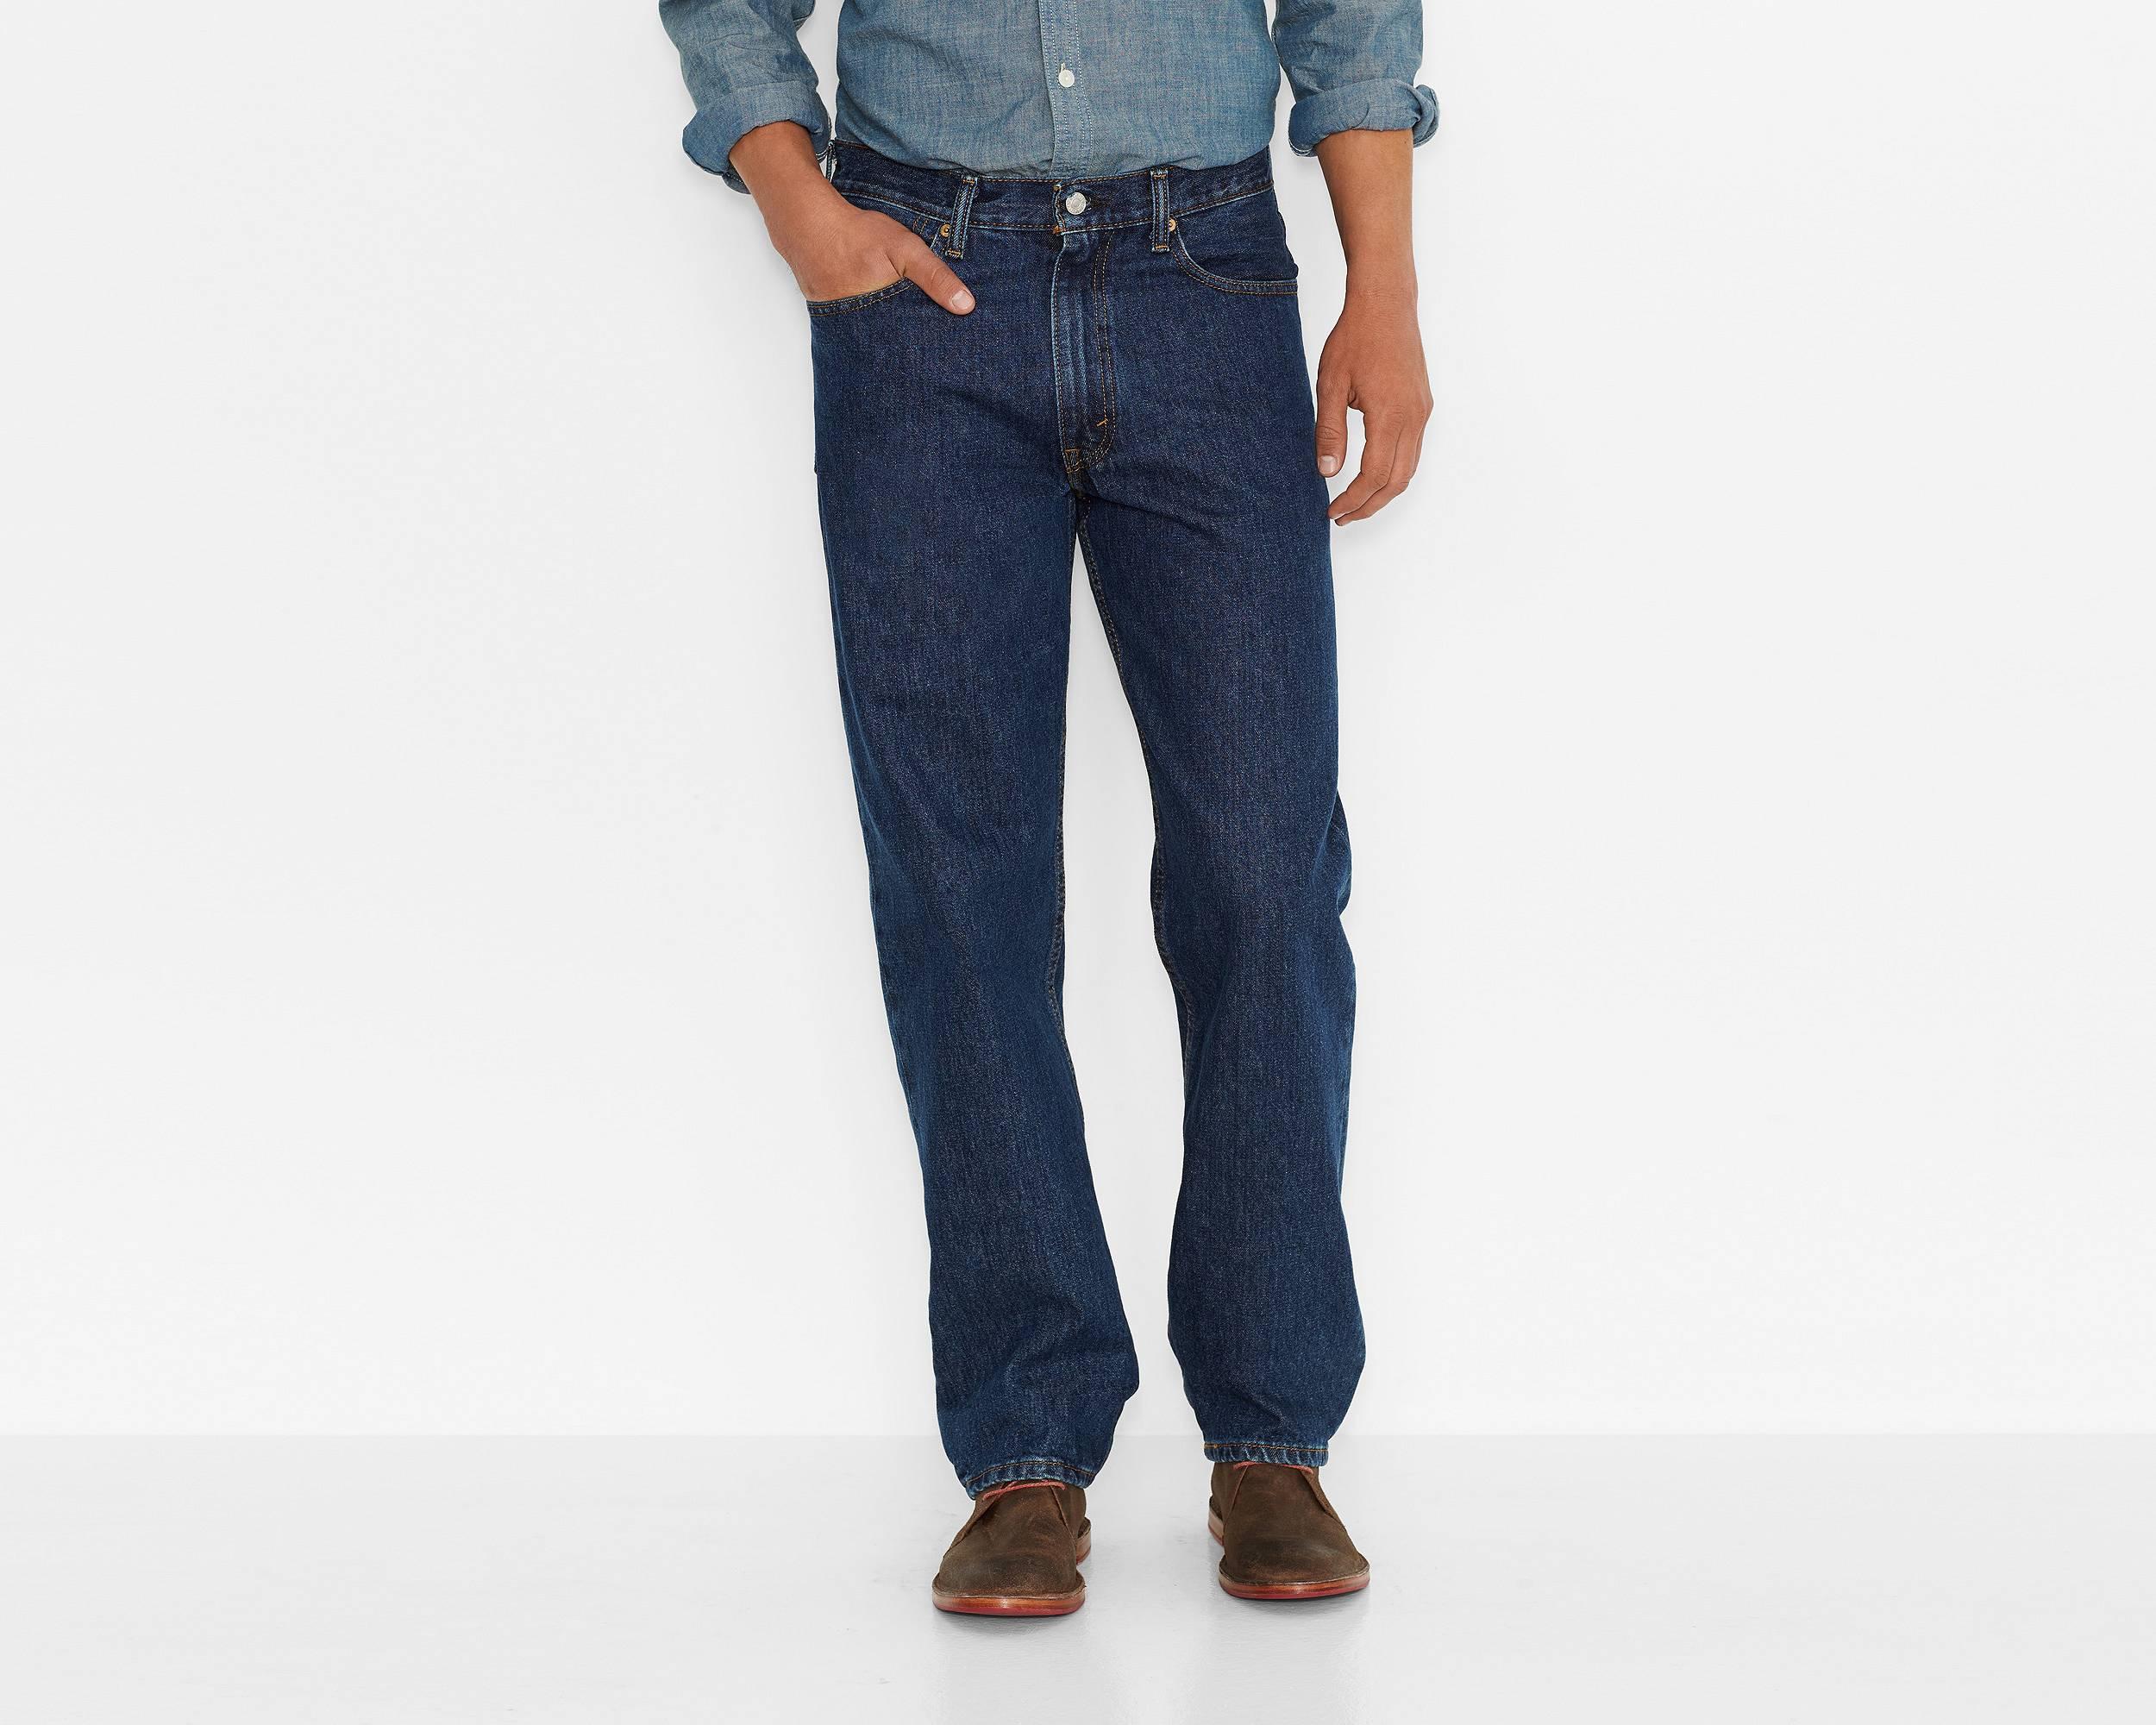 jeans levi 39 s 570 femme. Black Bedroom Furniture Sets. Home Design Ideas